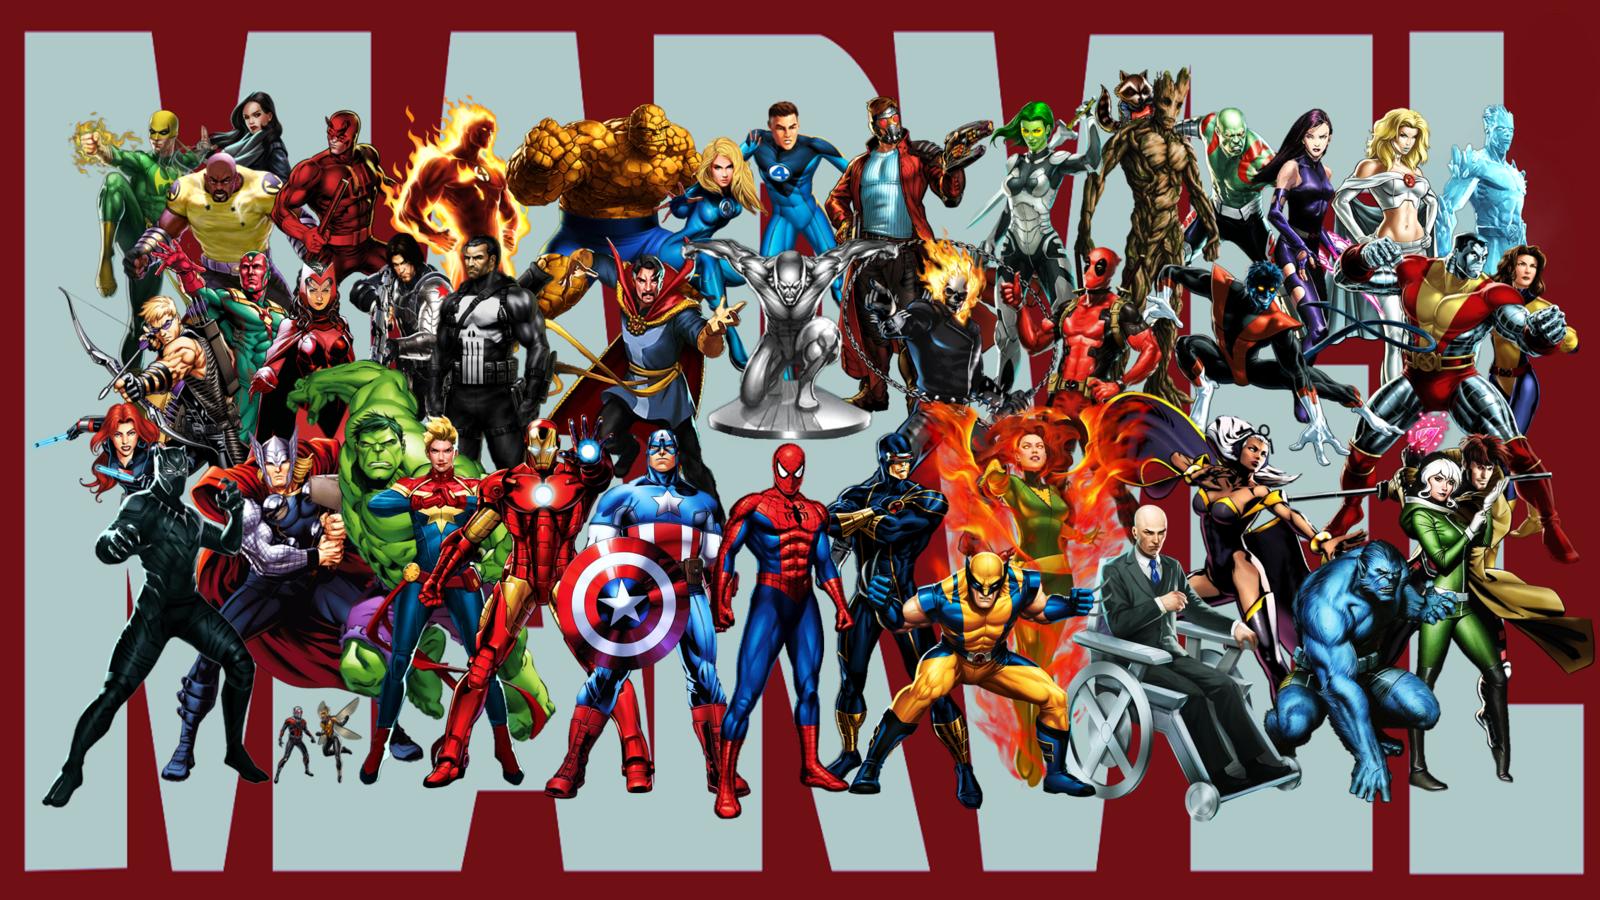 Marvel super heroes wallpaper by stingertheoverlord on - Avengers superhero wallpaper ...